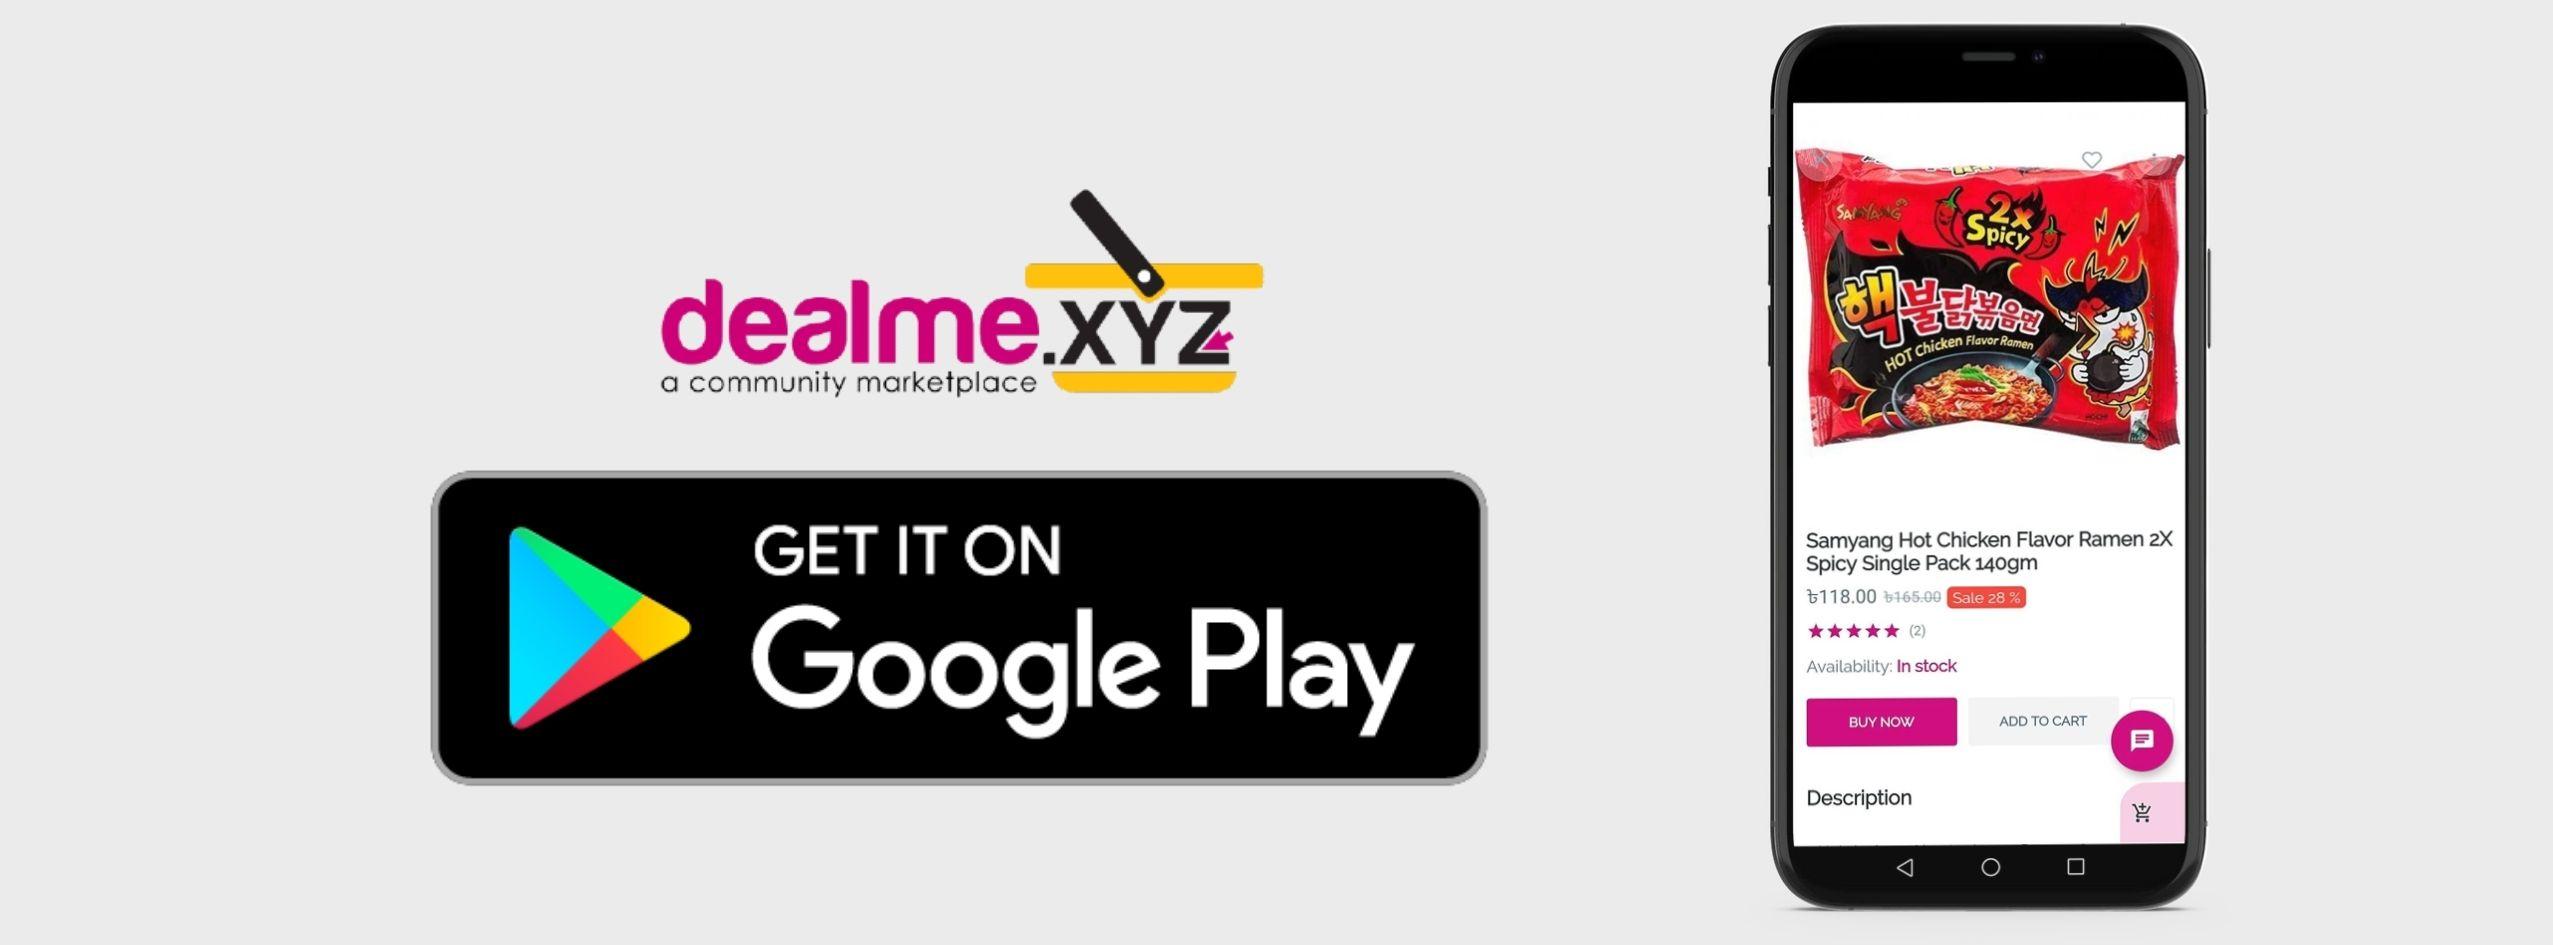 Download dealme.xyz mobile app